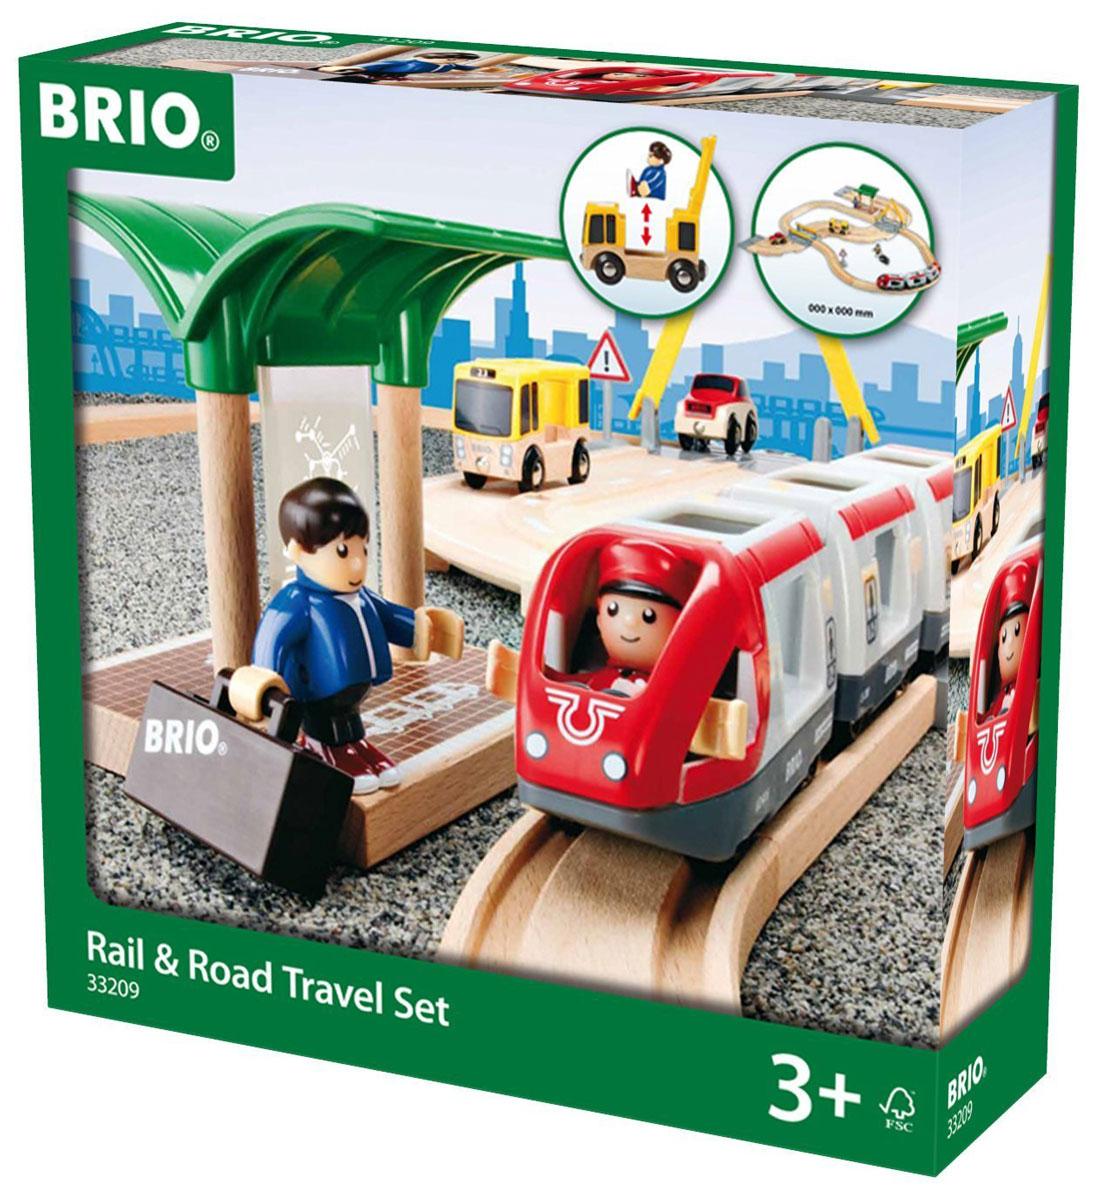 Brio Железная дорога с переездом спот ★ импортированные голубой автобус автобус автобус автомобиль тайо игрушка тянуть обратно автомобиль корея продукты